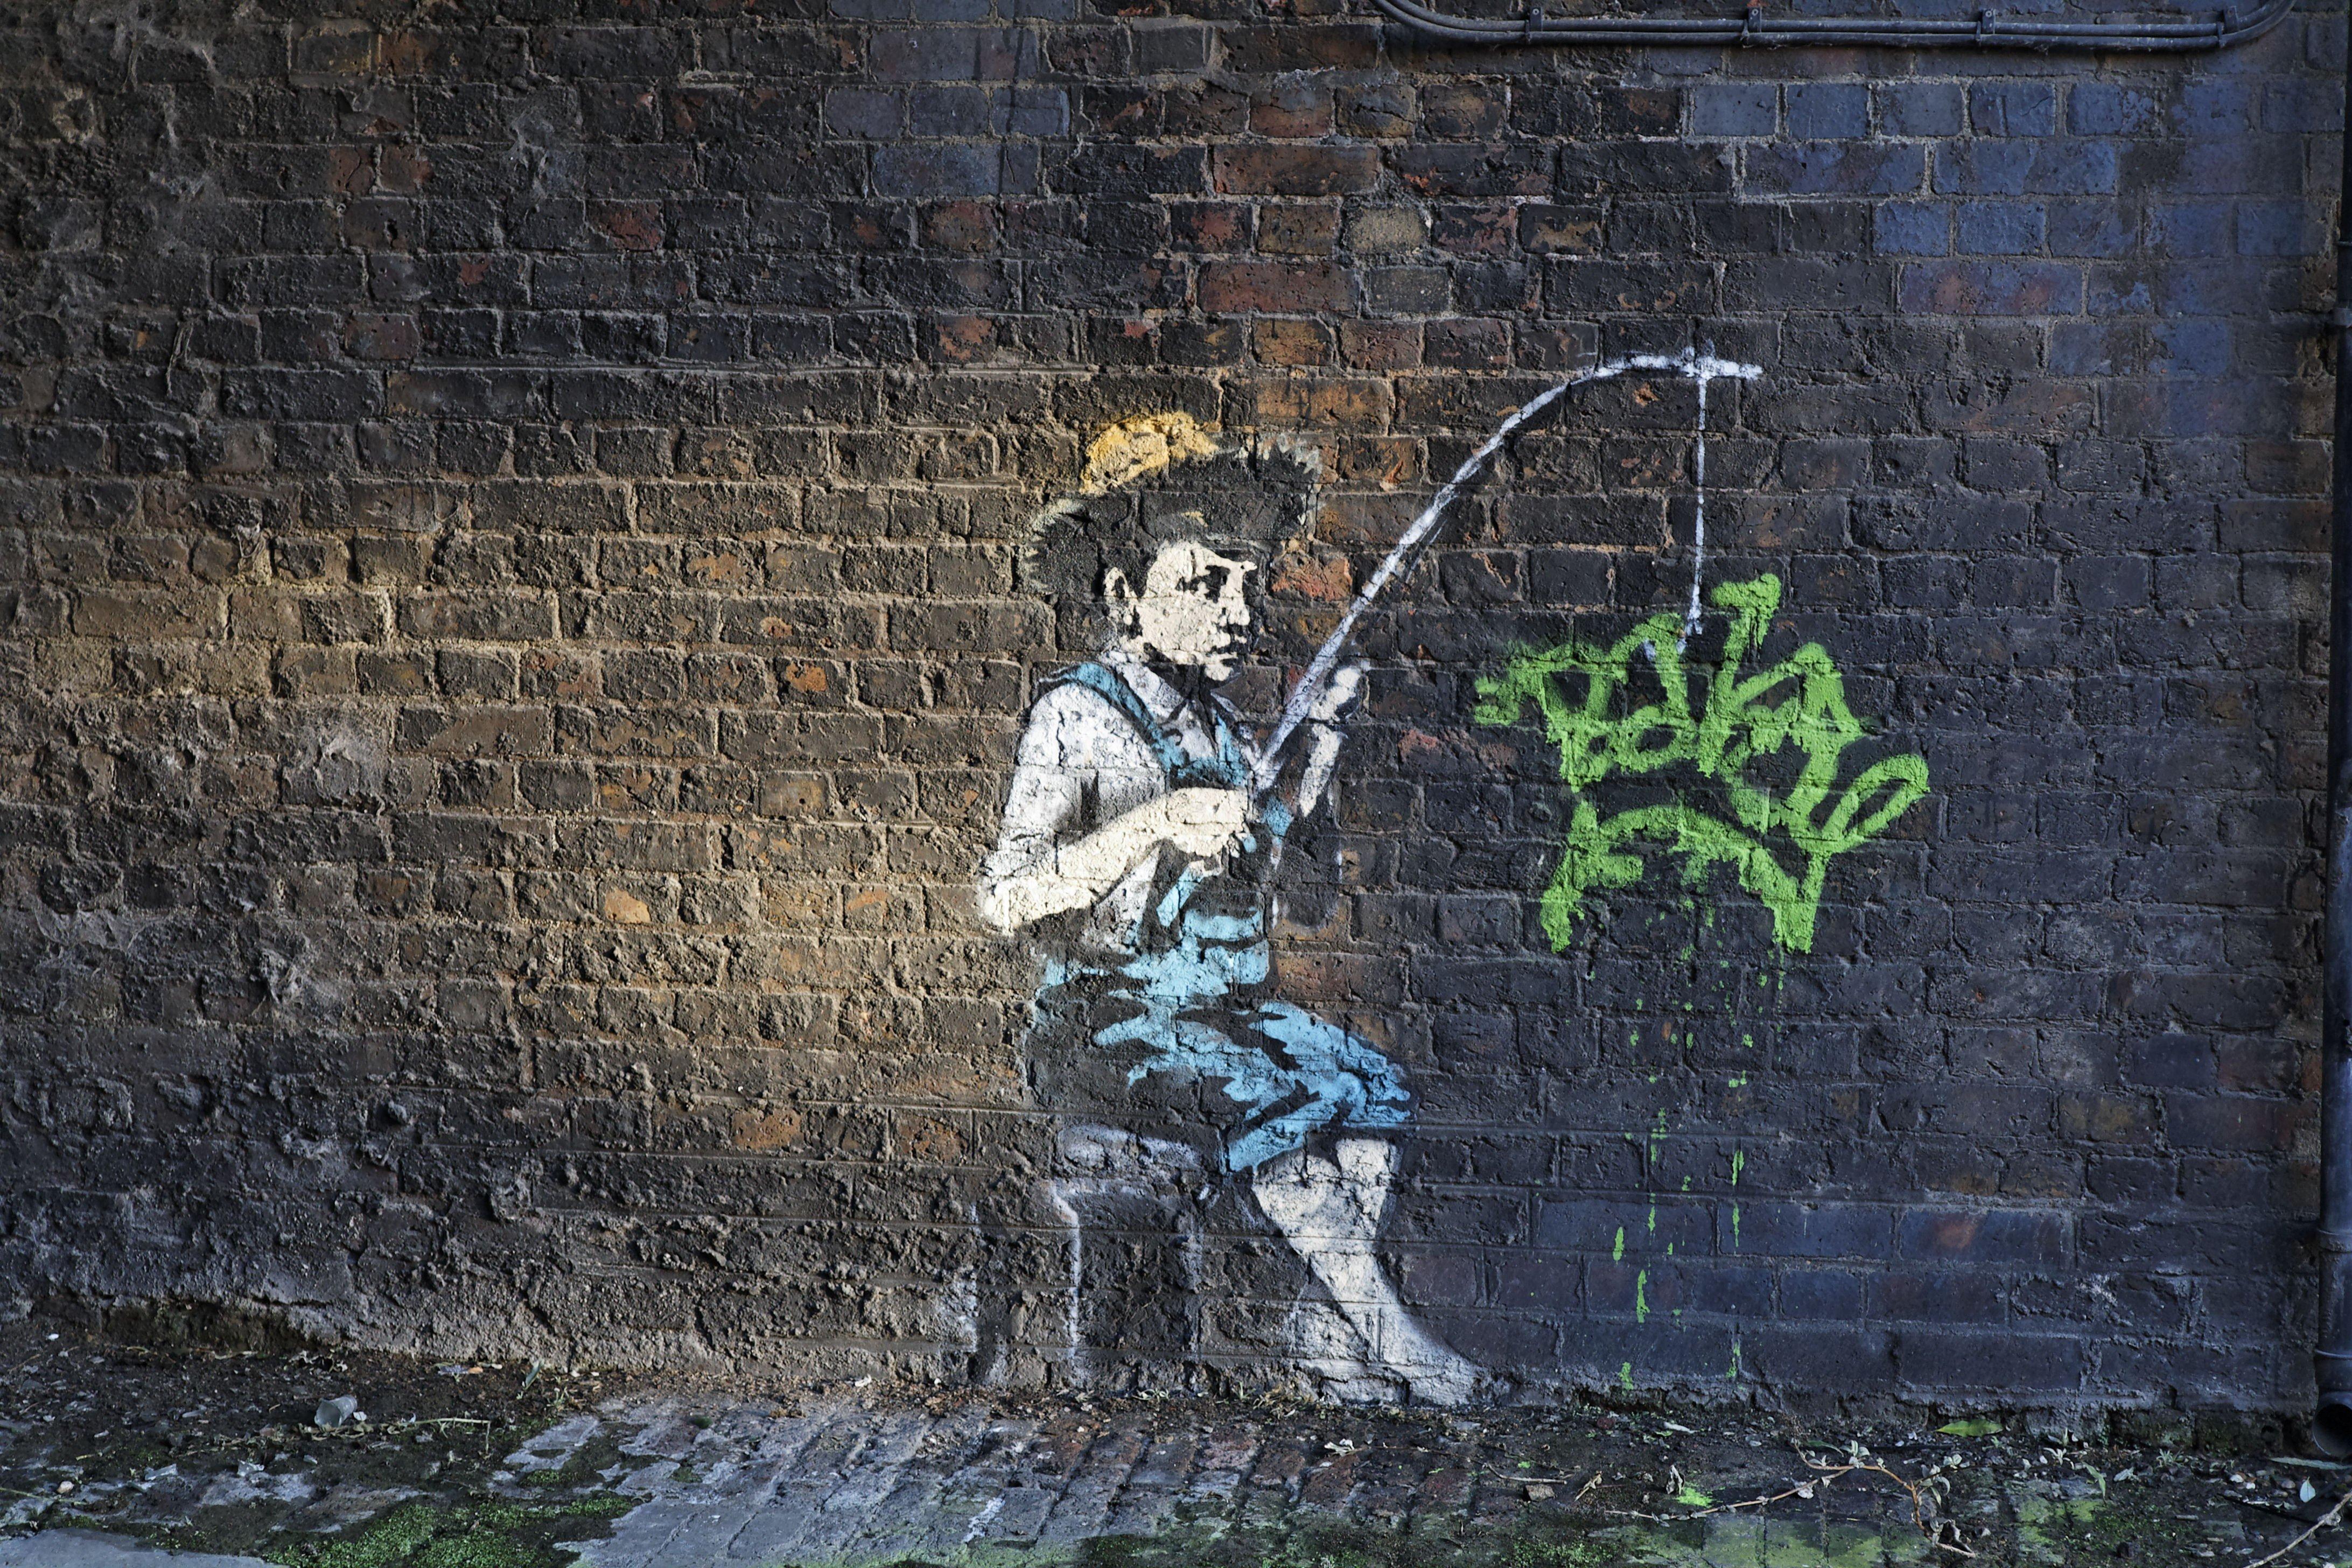 бэнкси граффити картинки менее, очевидцы друзья